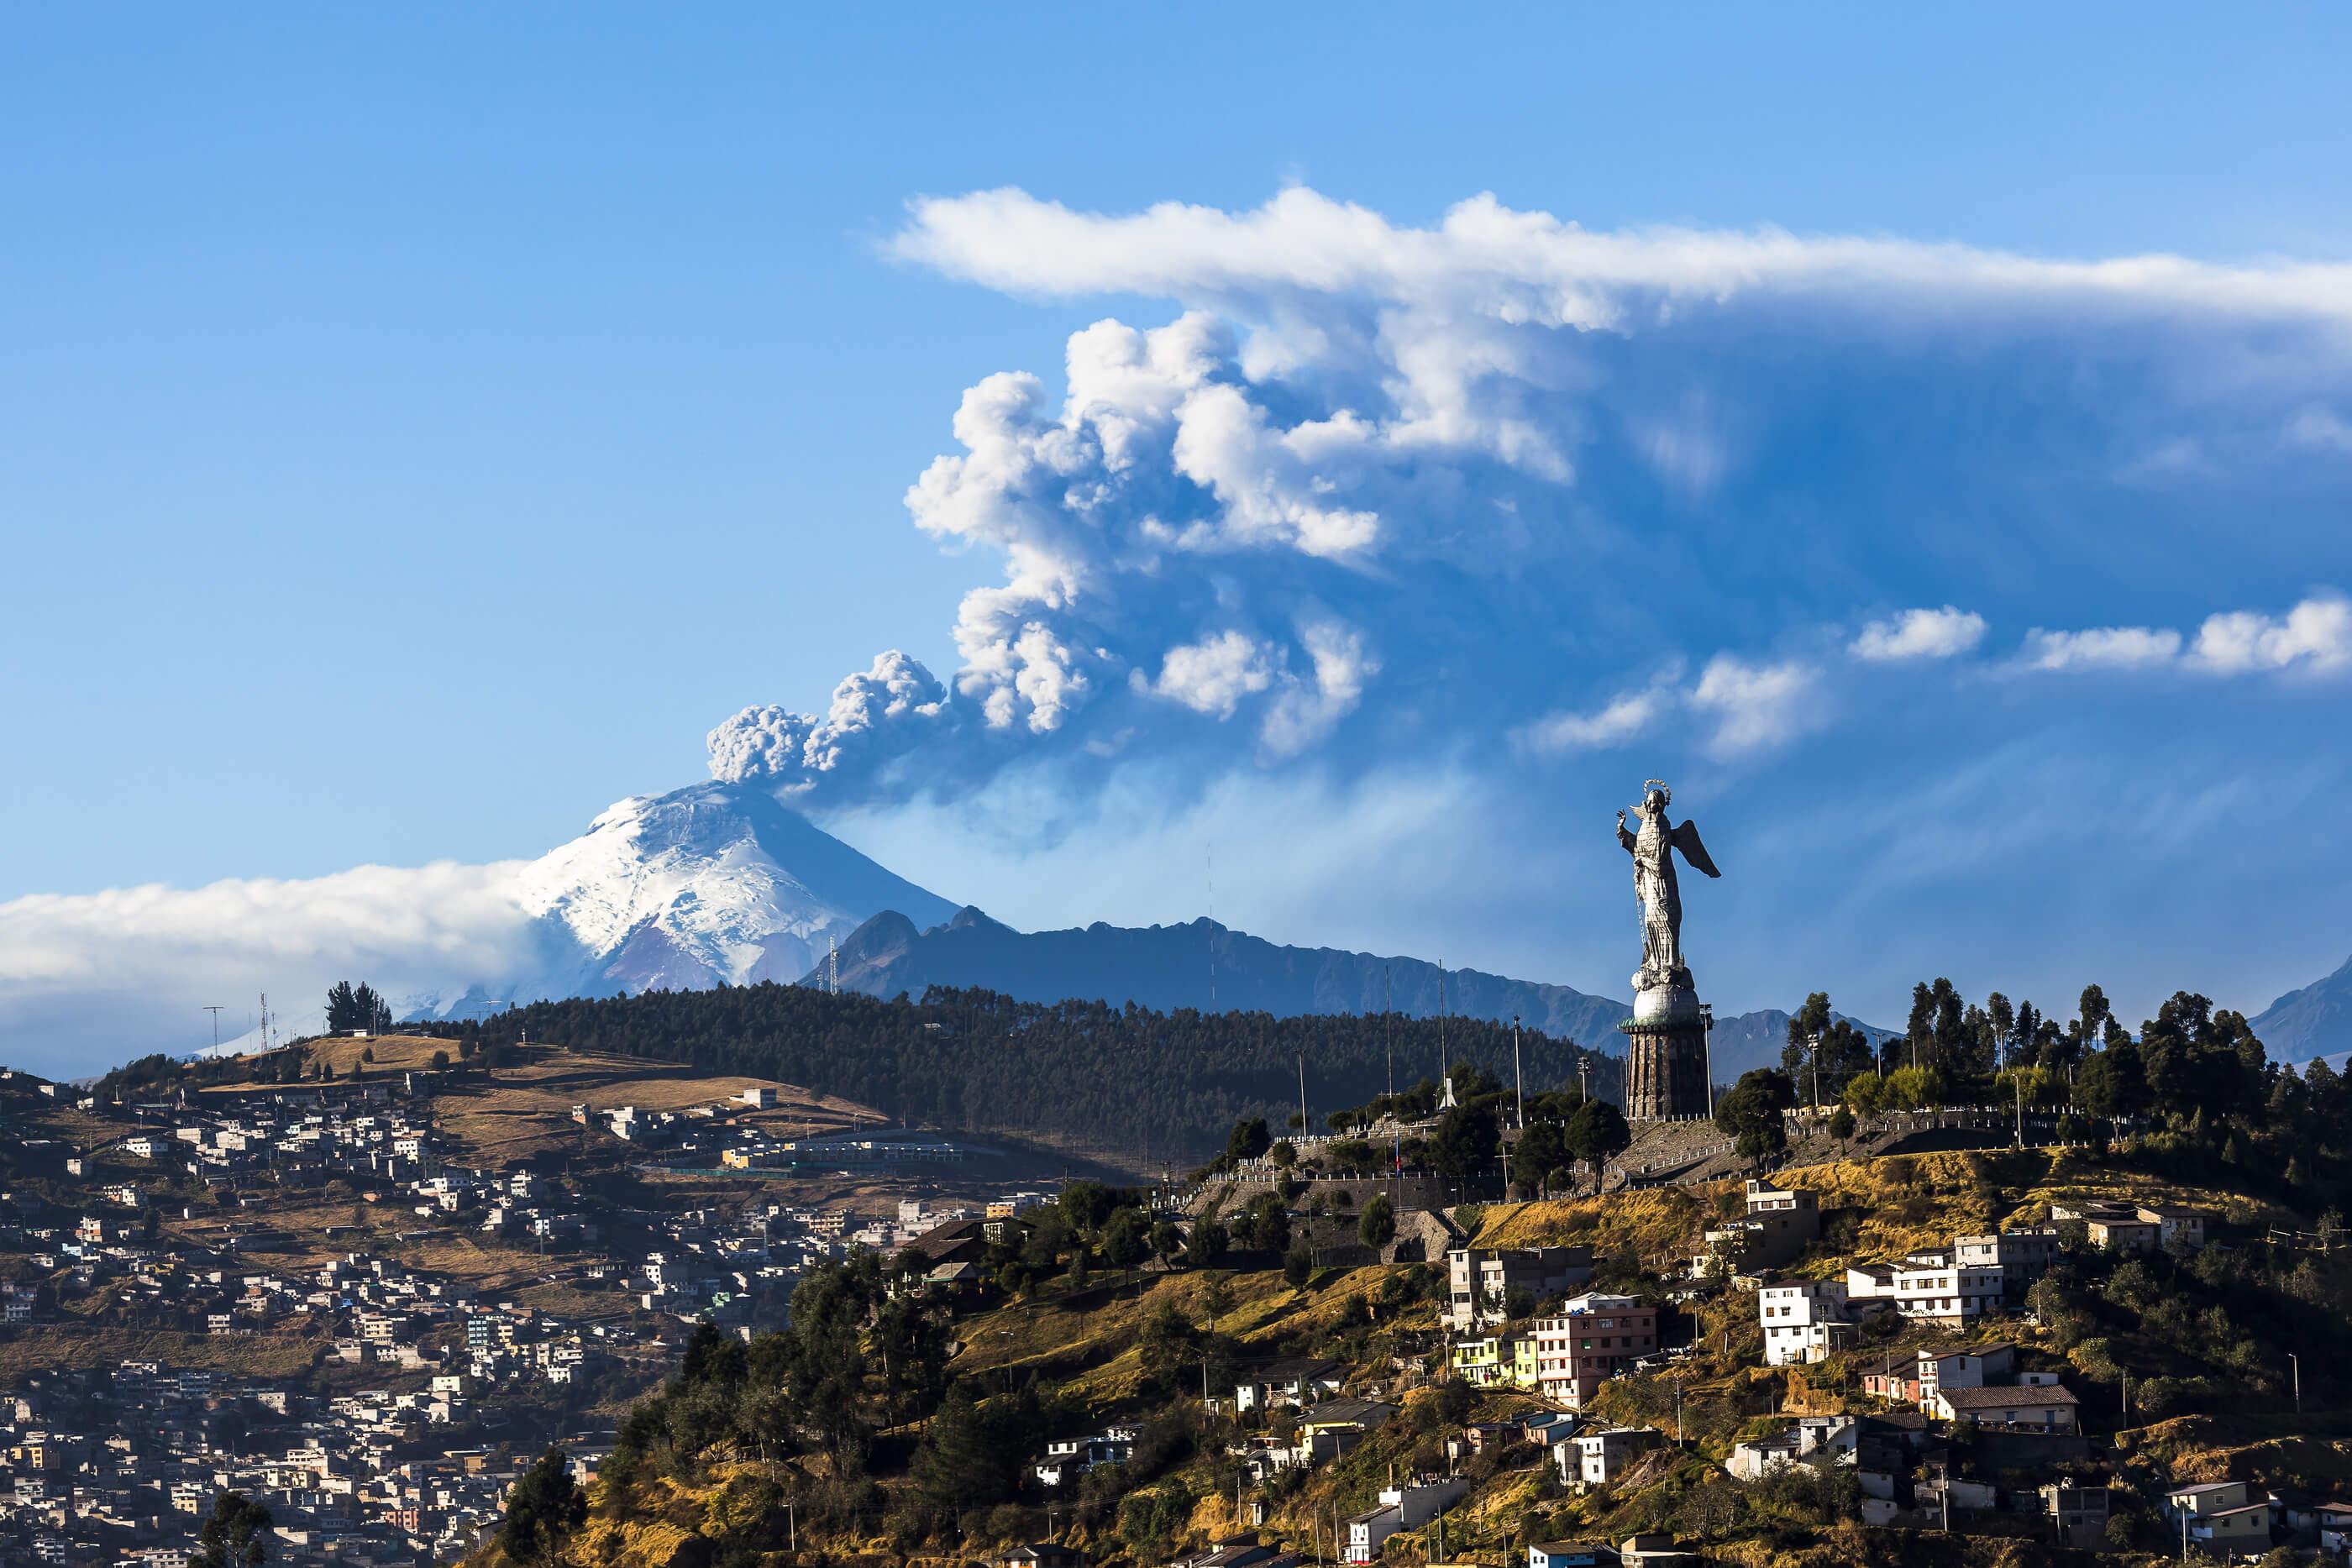 Cotopaxi volcano eruption and Panecillo's Madona seen from Quito Ecuador